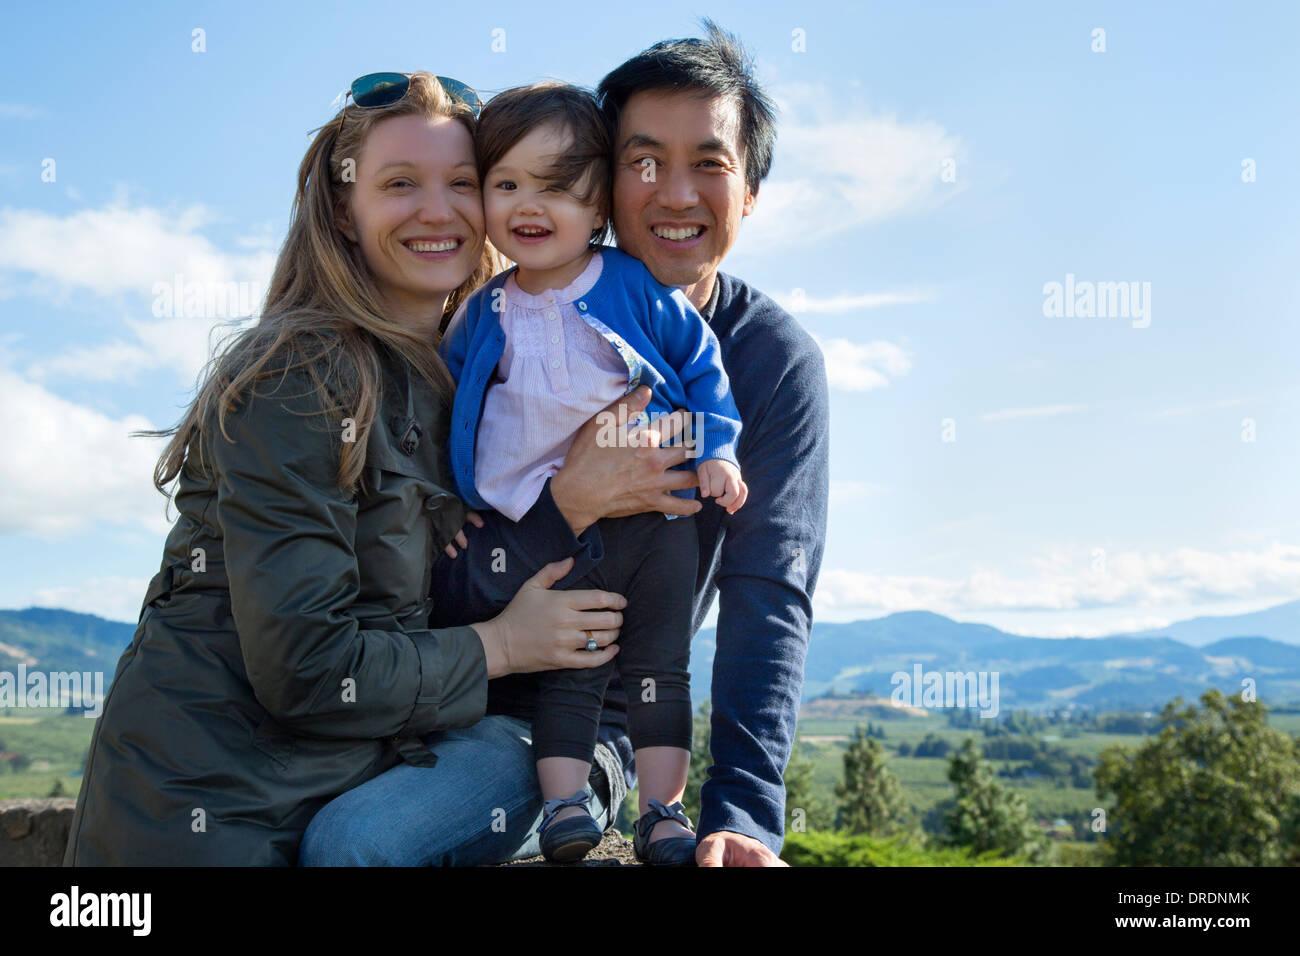 Mixed race family of three - Stock Image